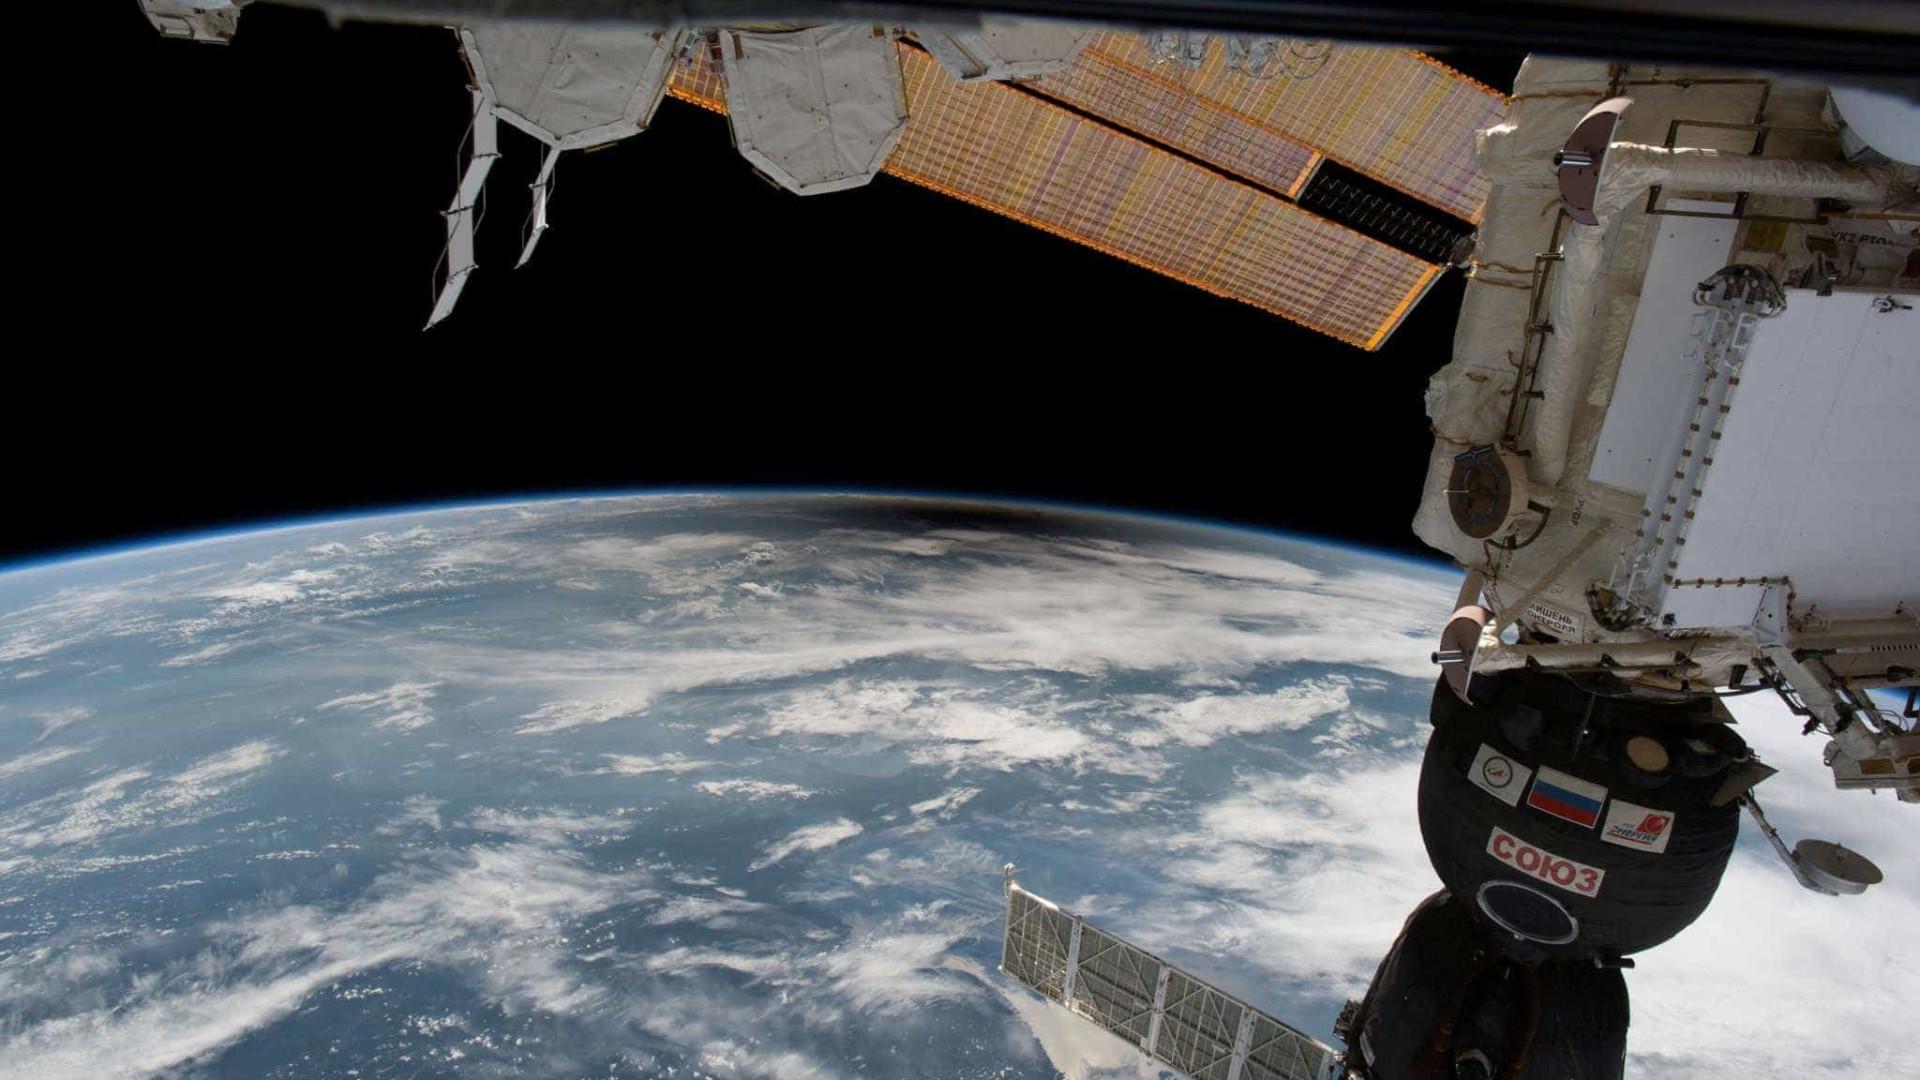 Astronautas veem detalhe do eclipse solar que ninguém viu; assista